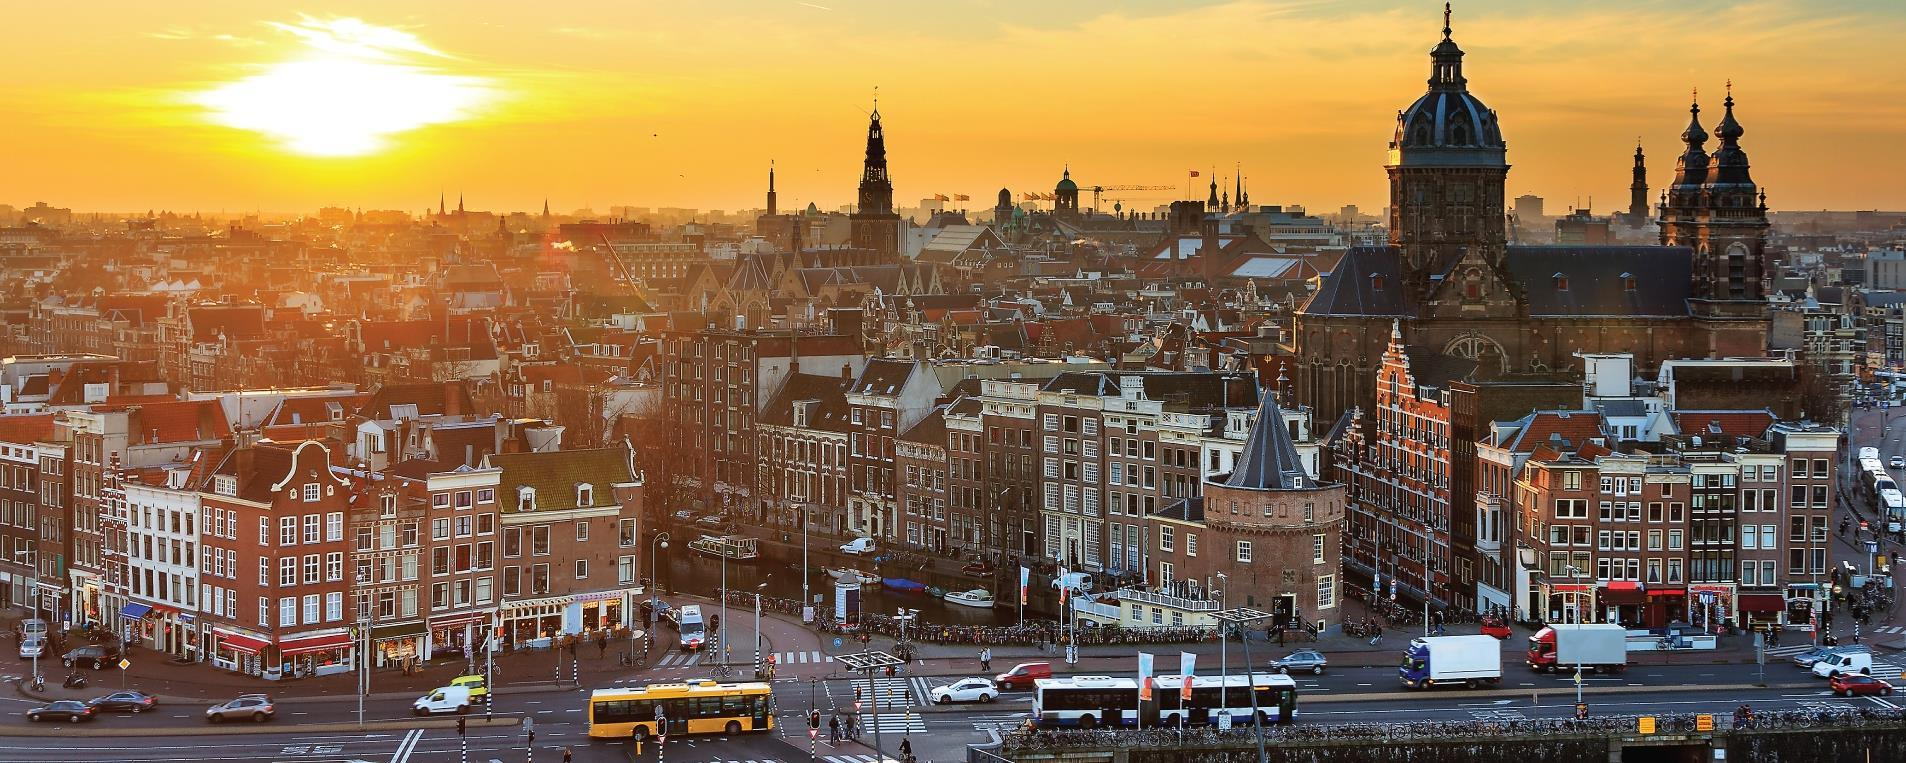 Все о стране Нидерланды - полное описание - Авантаж-тревел